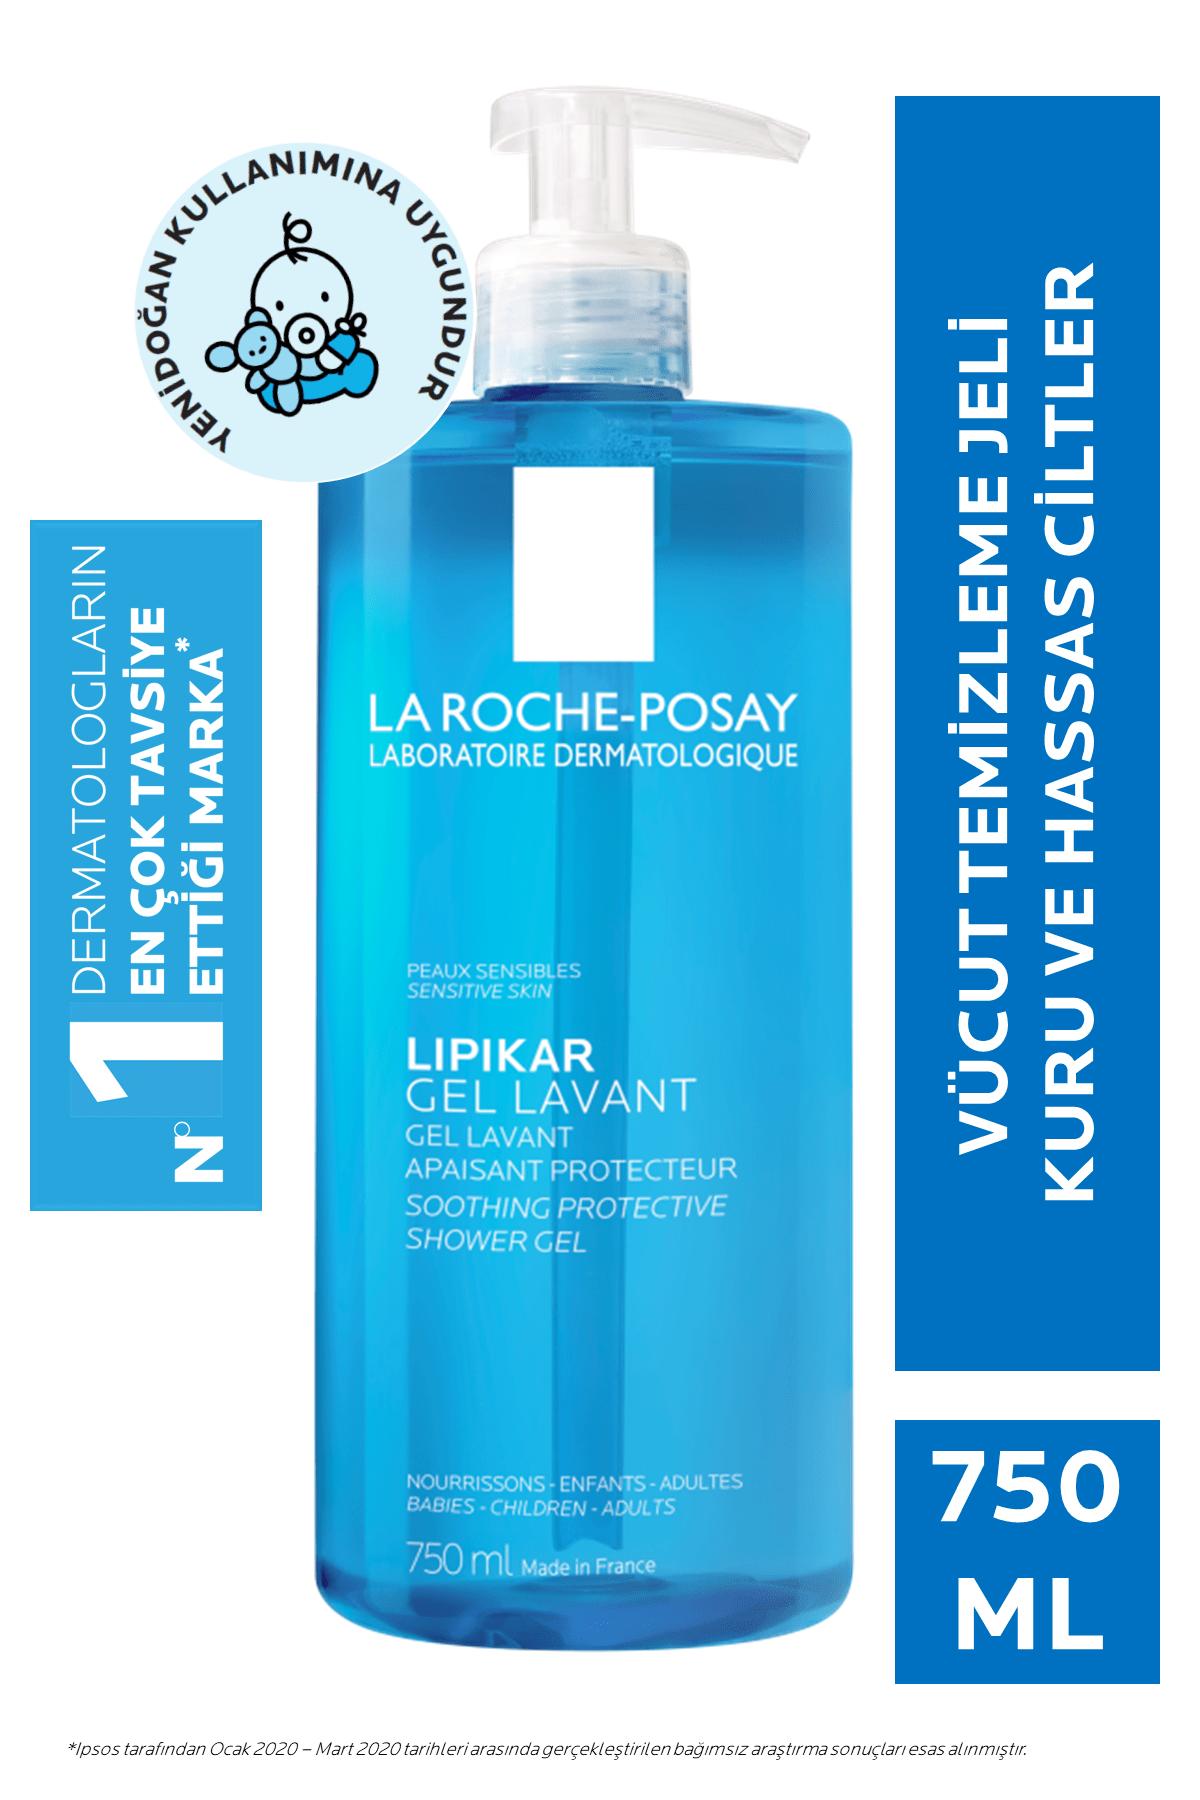 La Roche Posay LipikarGel Lavant Vücut Jeli Koruyucu&Yatıştırıcı Tüm Aile 750 ml 3337872418815